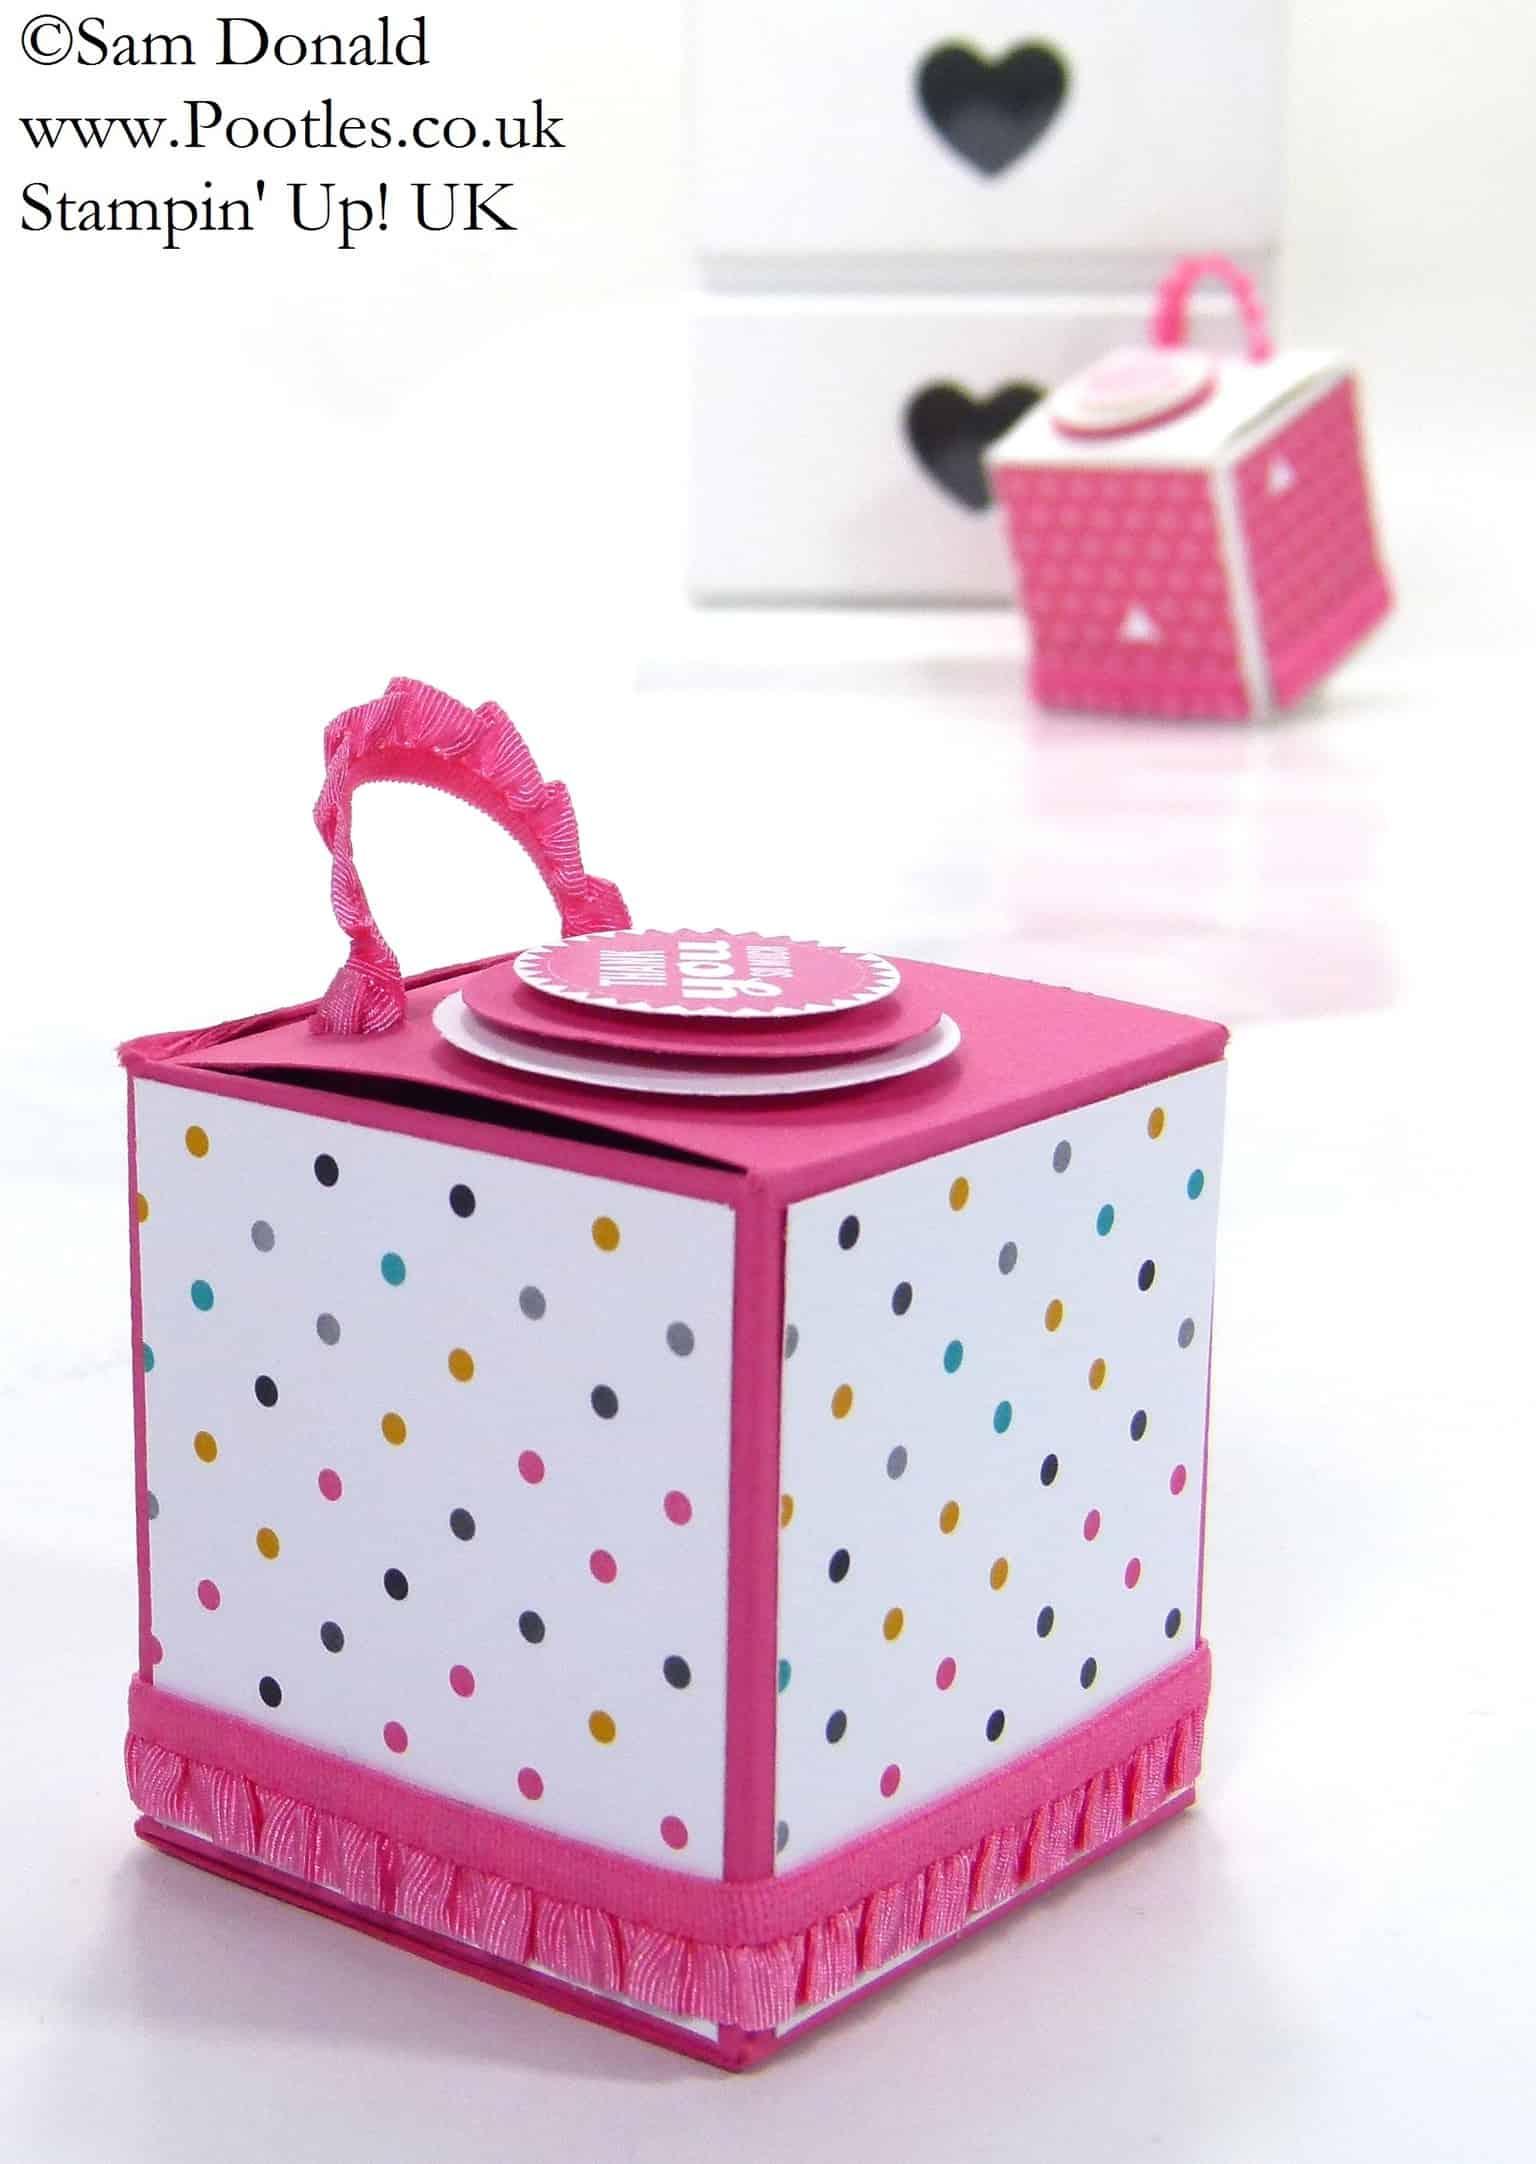 POOTLES Stampin' Up! UK Balm Jar Gift Box Tutorial 3